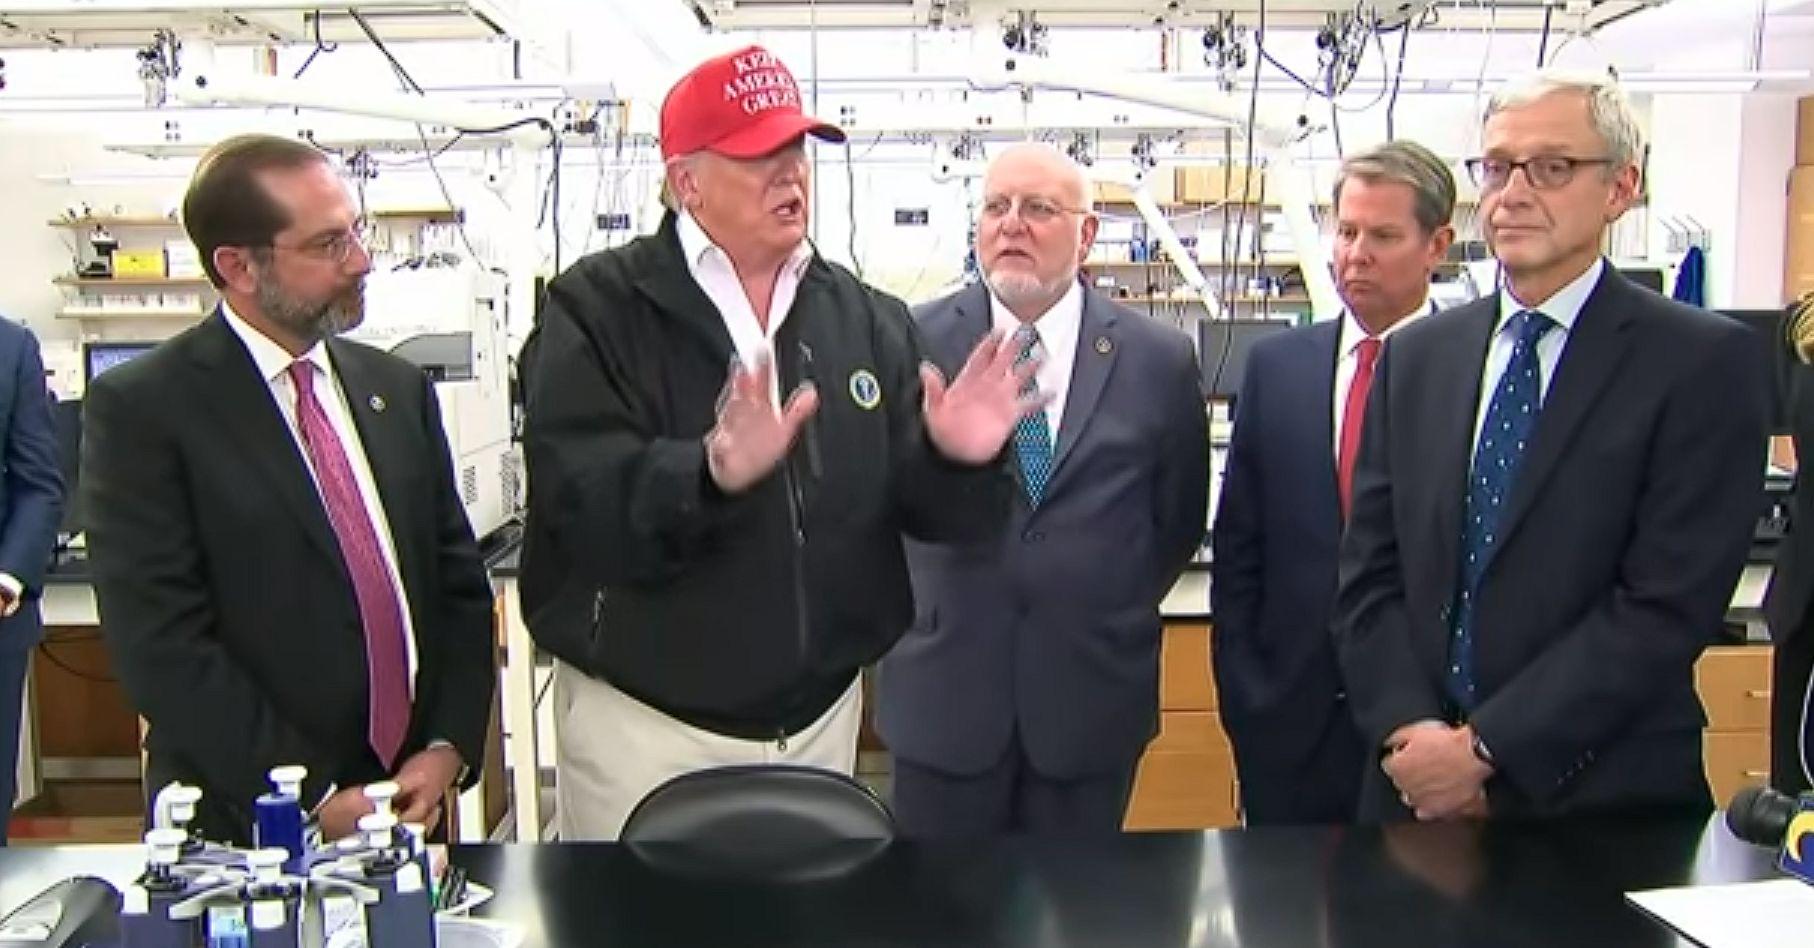 Donald Trump on COVID-19